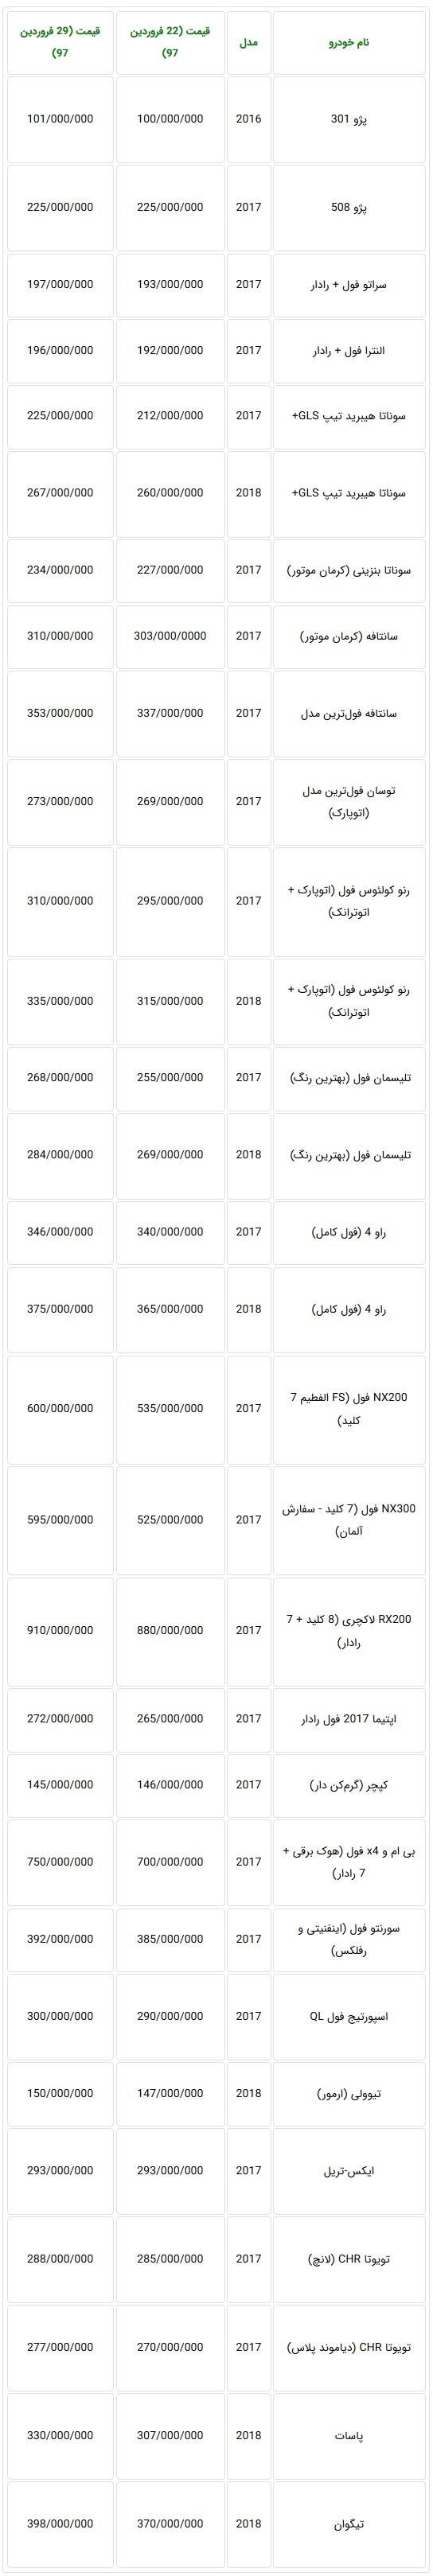 قیمت خودروهای وارداتی در بازار تهران با افزایش شدیدی روبرو شد - جدول